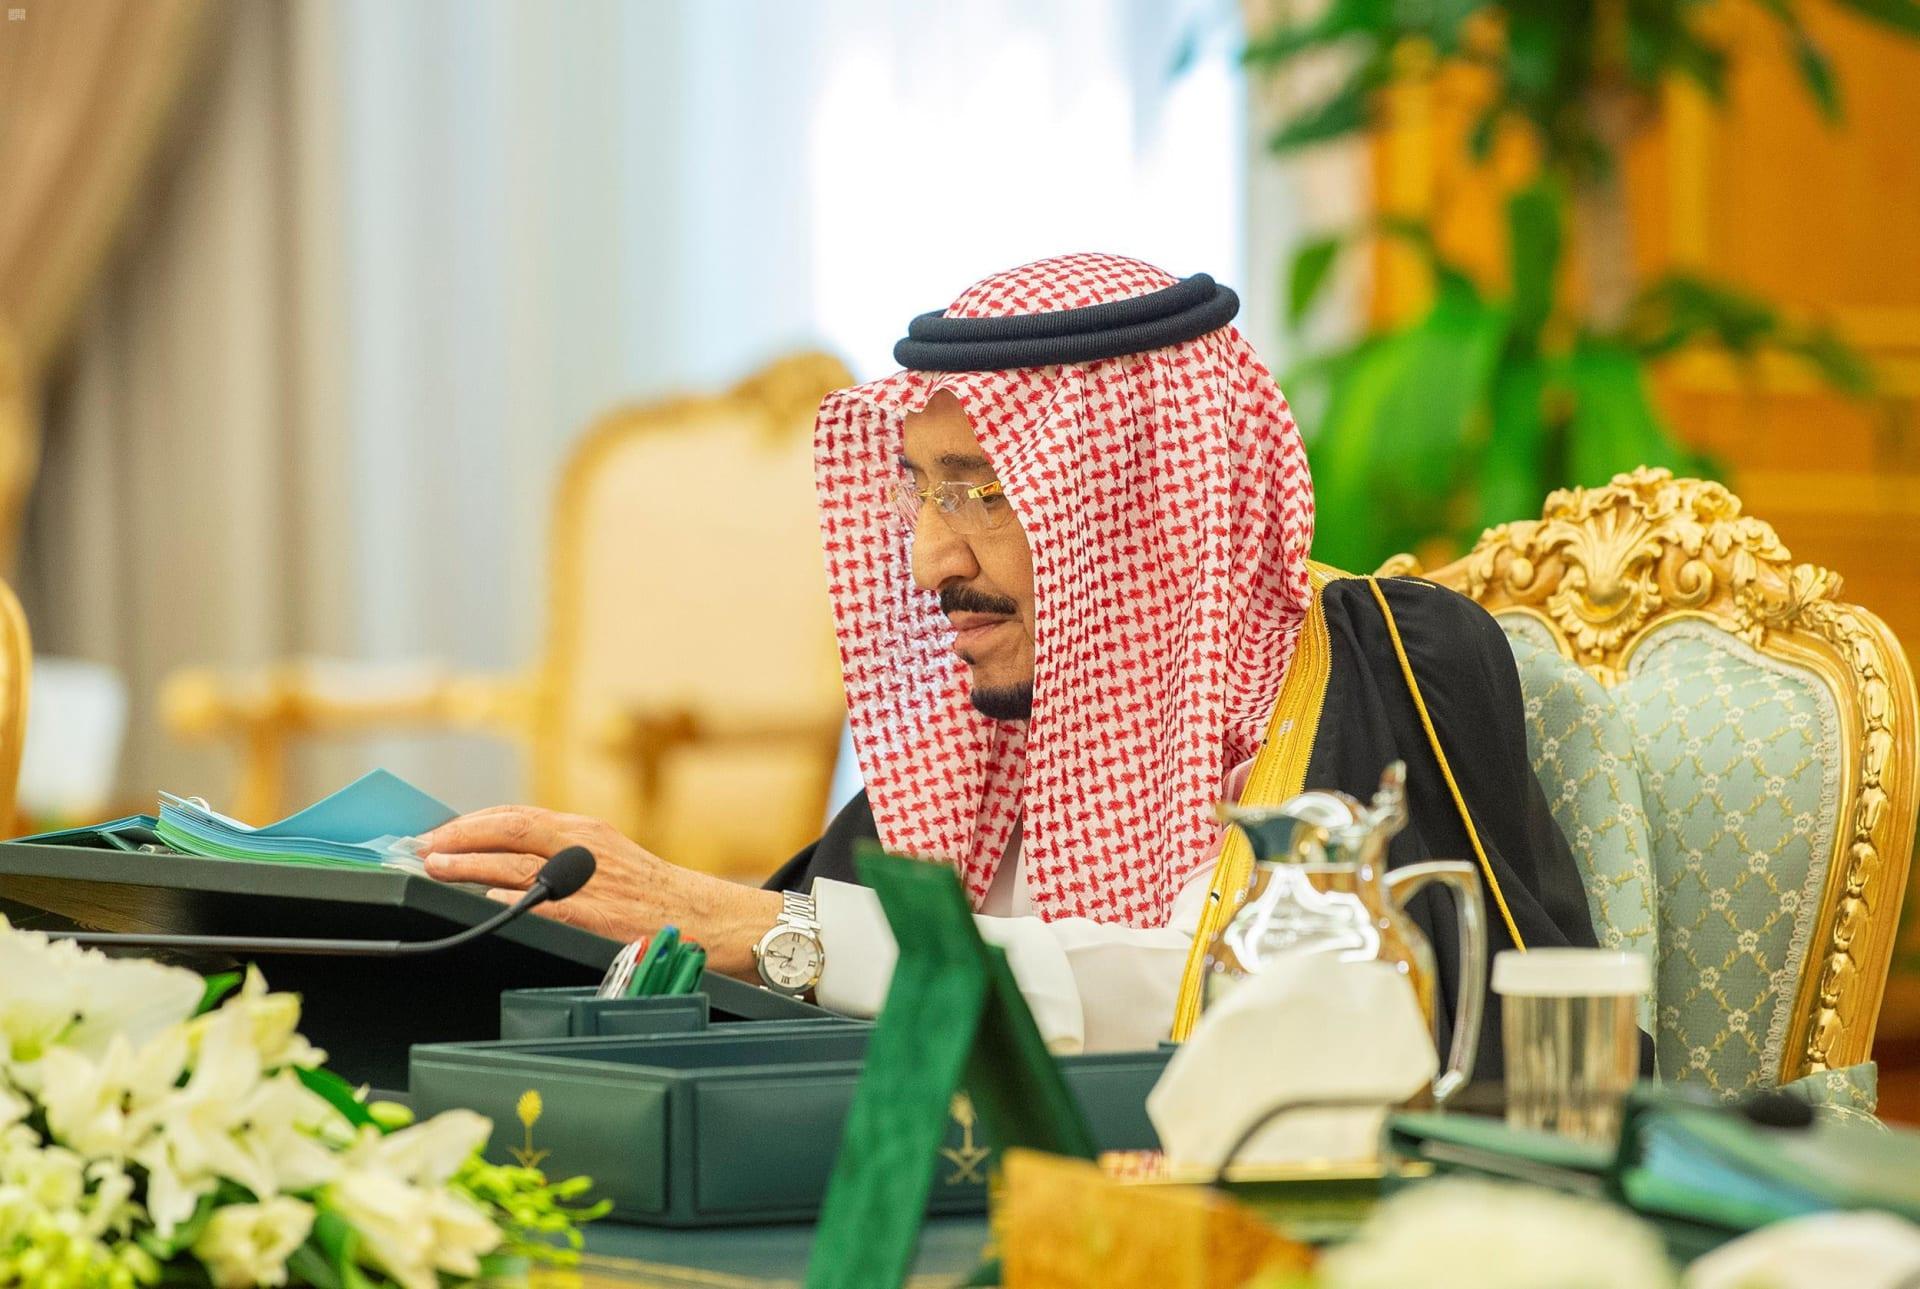 الملك سلمان يرأس اجتماع الحكومة السعودية في 10 مارس